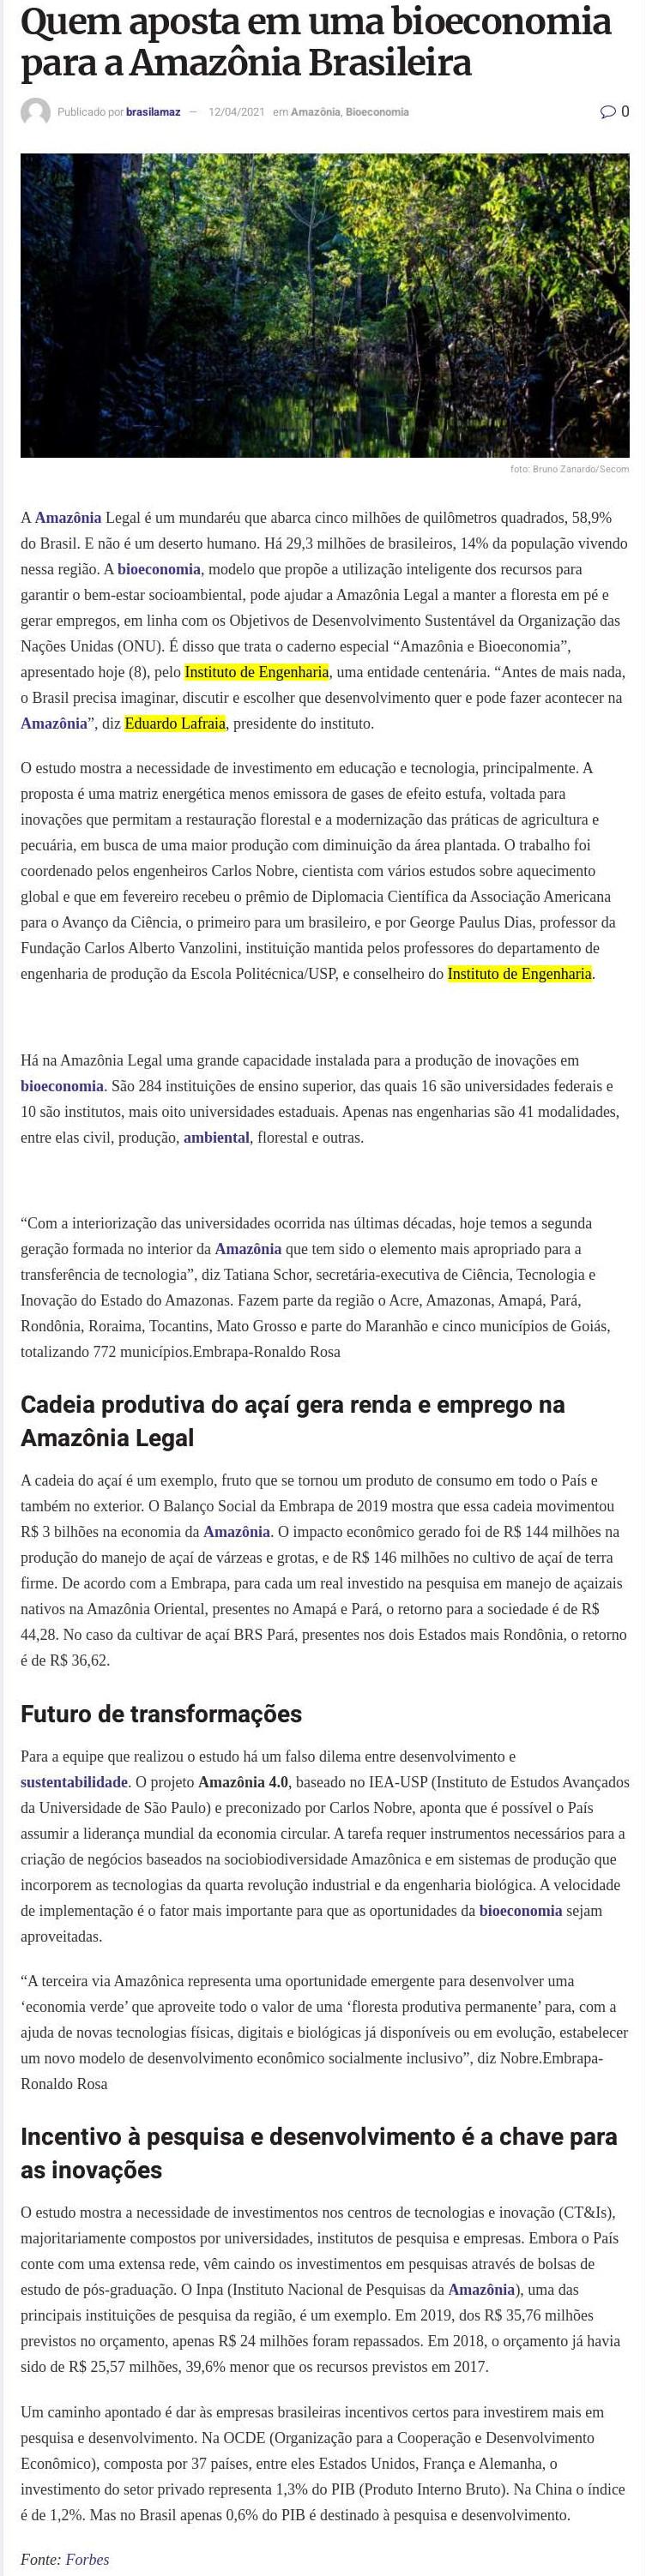 Quem aposta em uma bioeconomia para a Amazônia Brasileira - Brazil Amazônia Agora